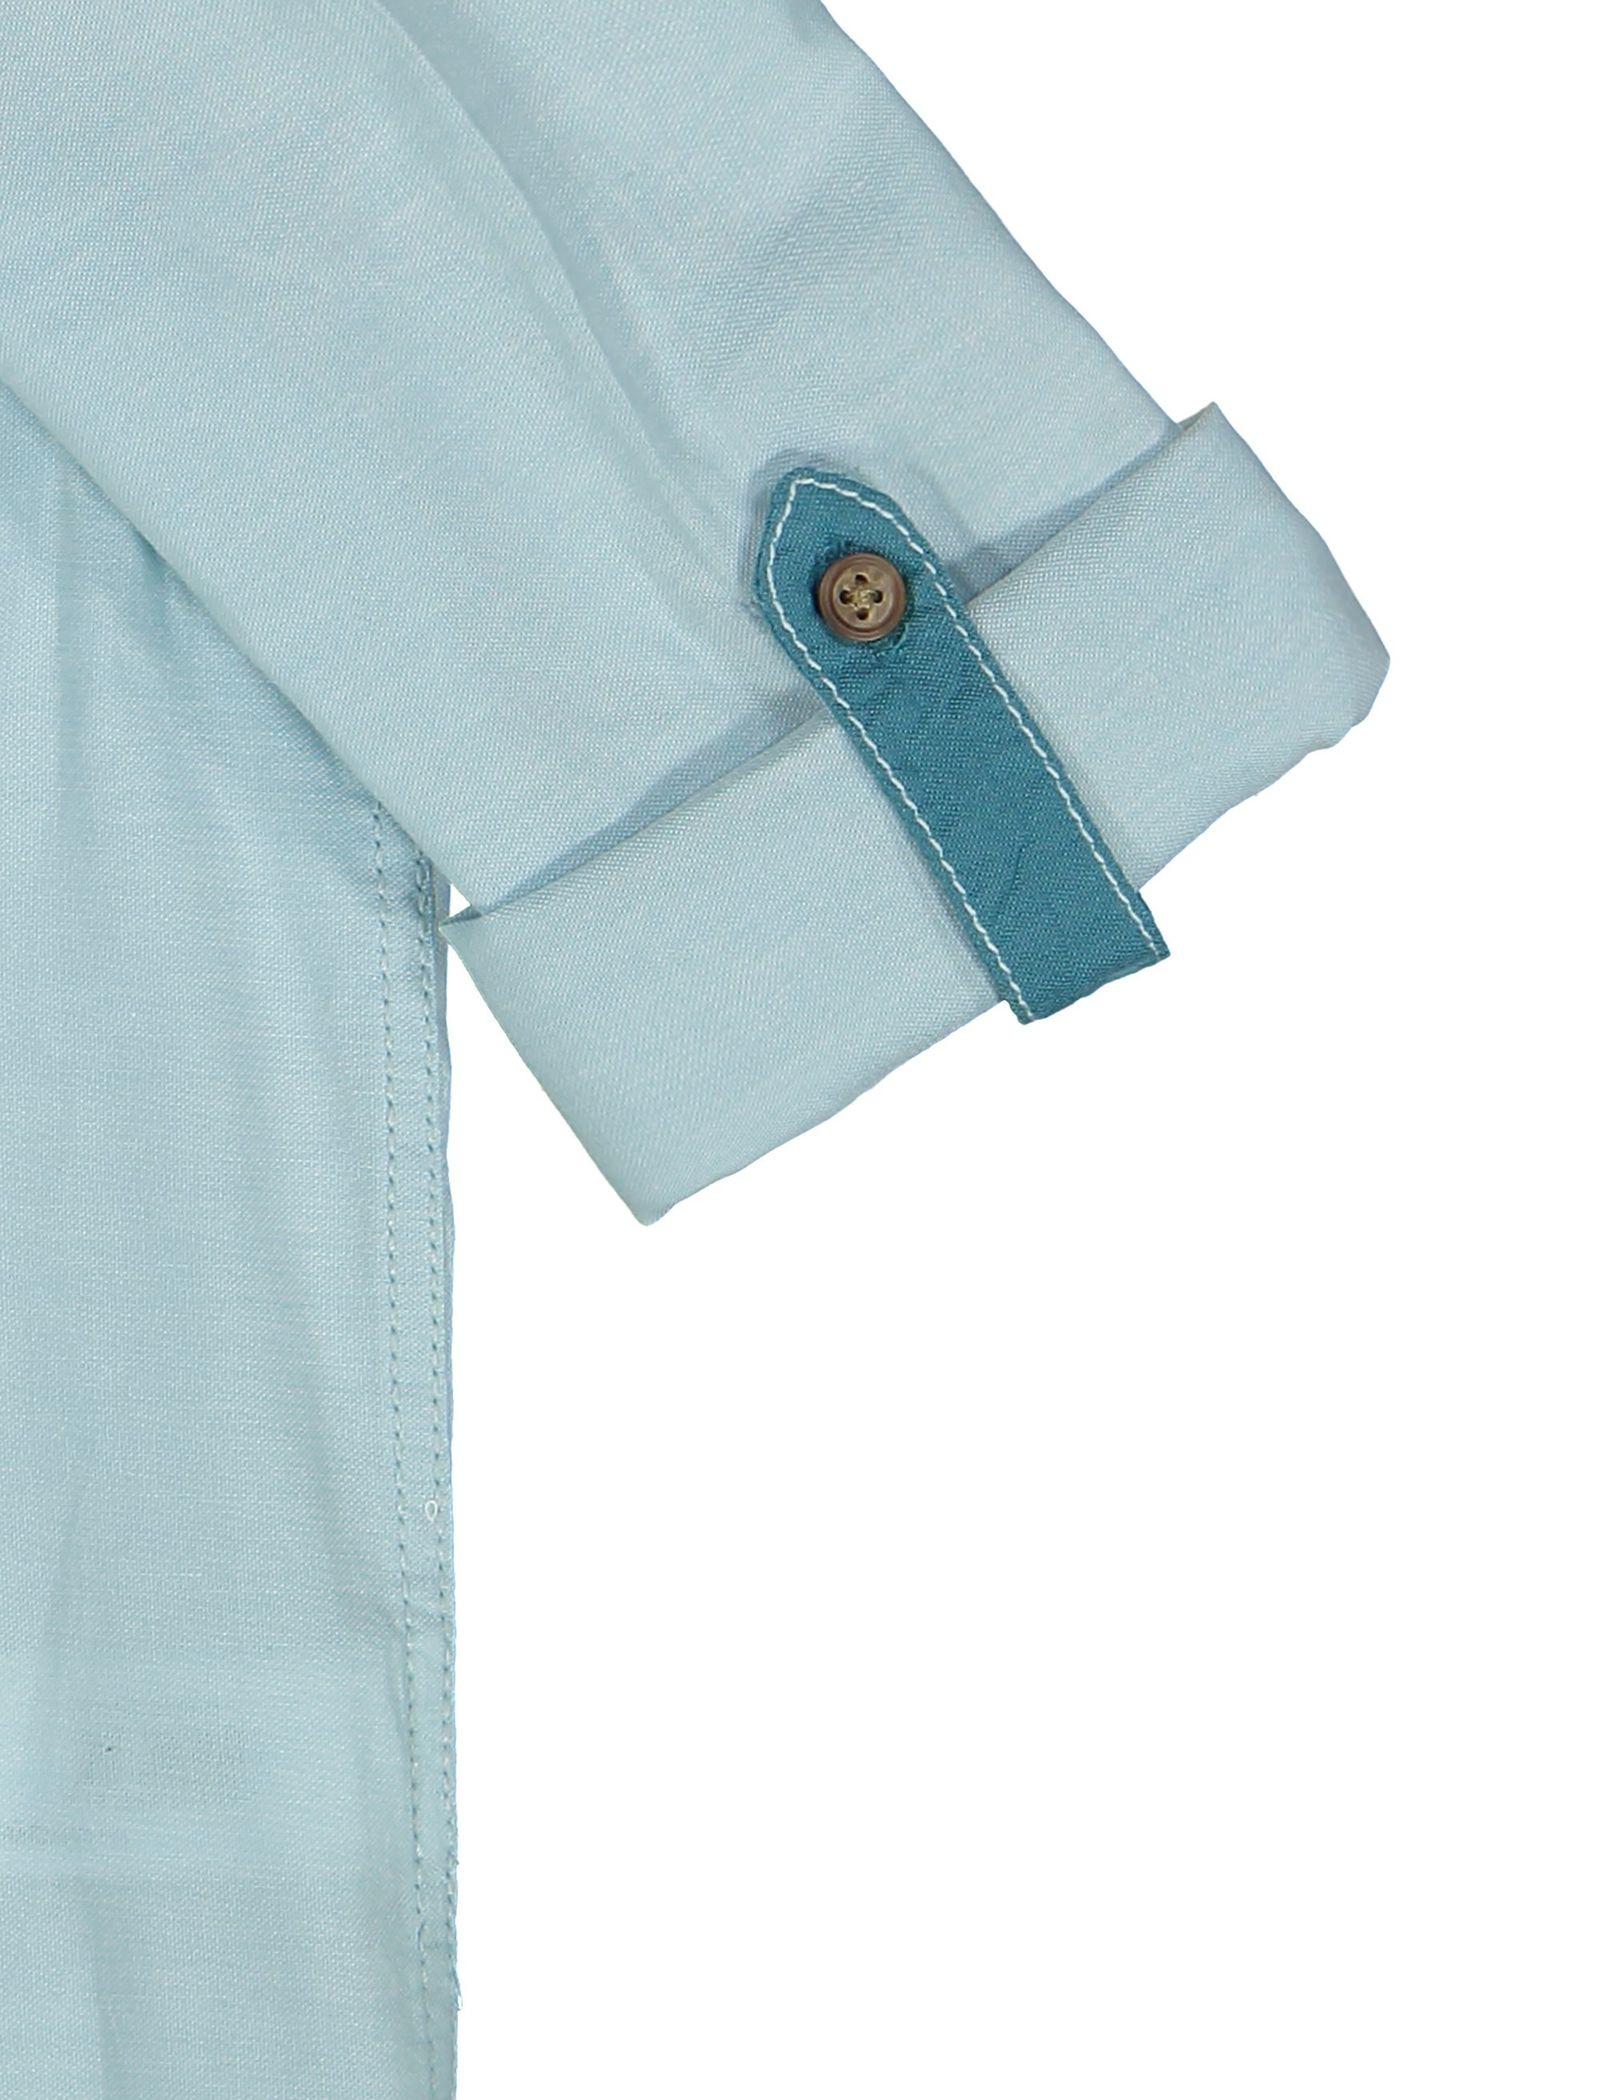 پیراهن نخی آستین بلند پسرانه - ال سی وایکیکی - سبز آبي روشن - 4